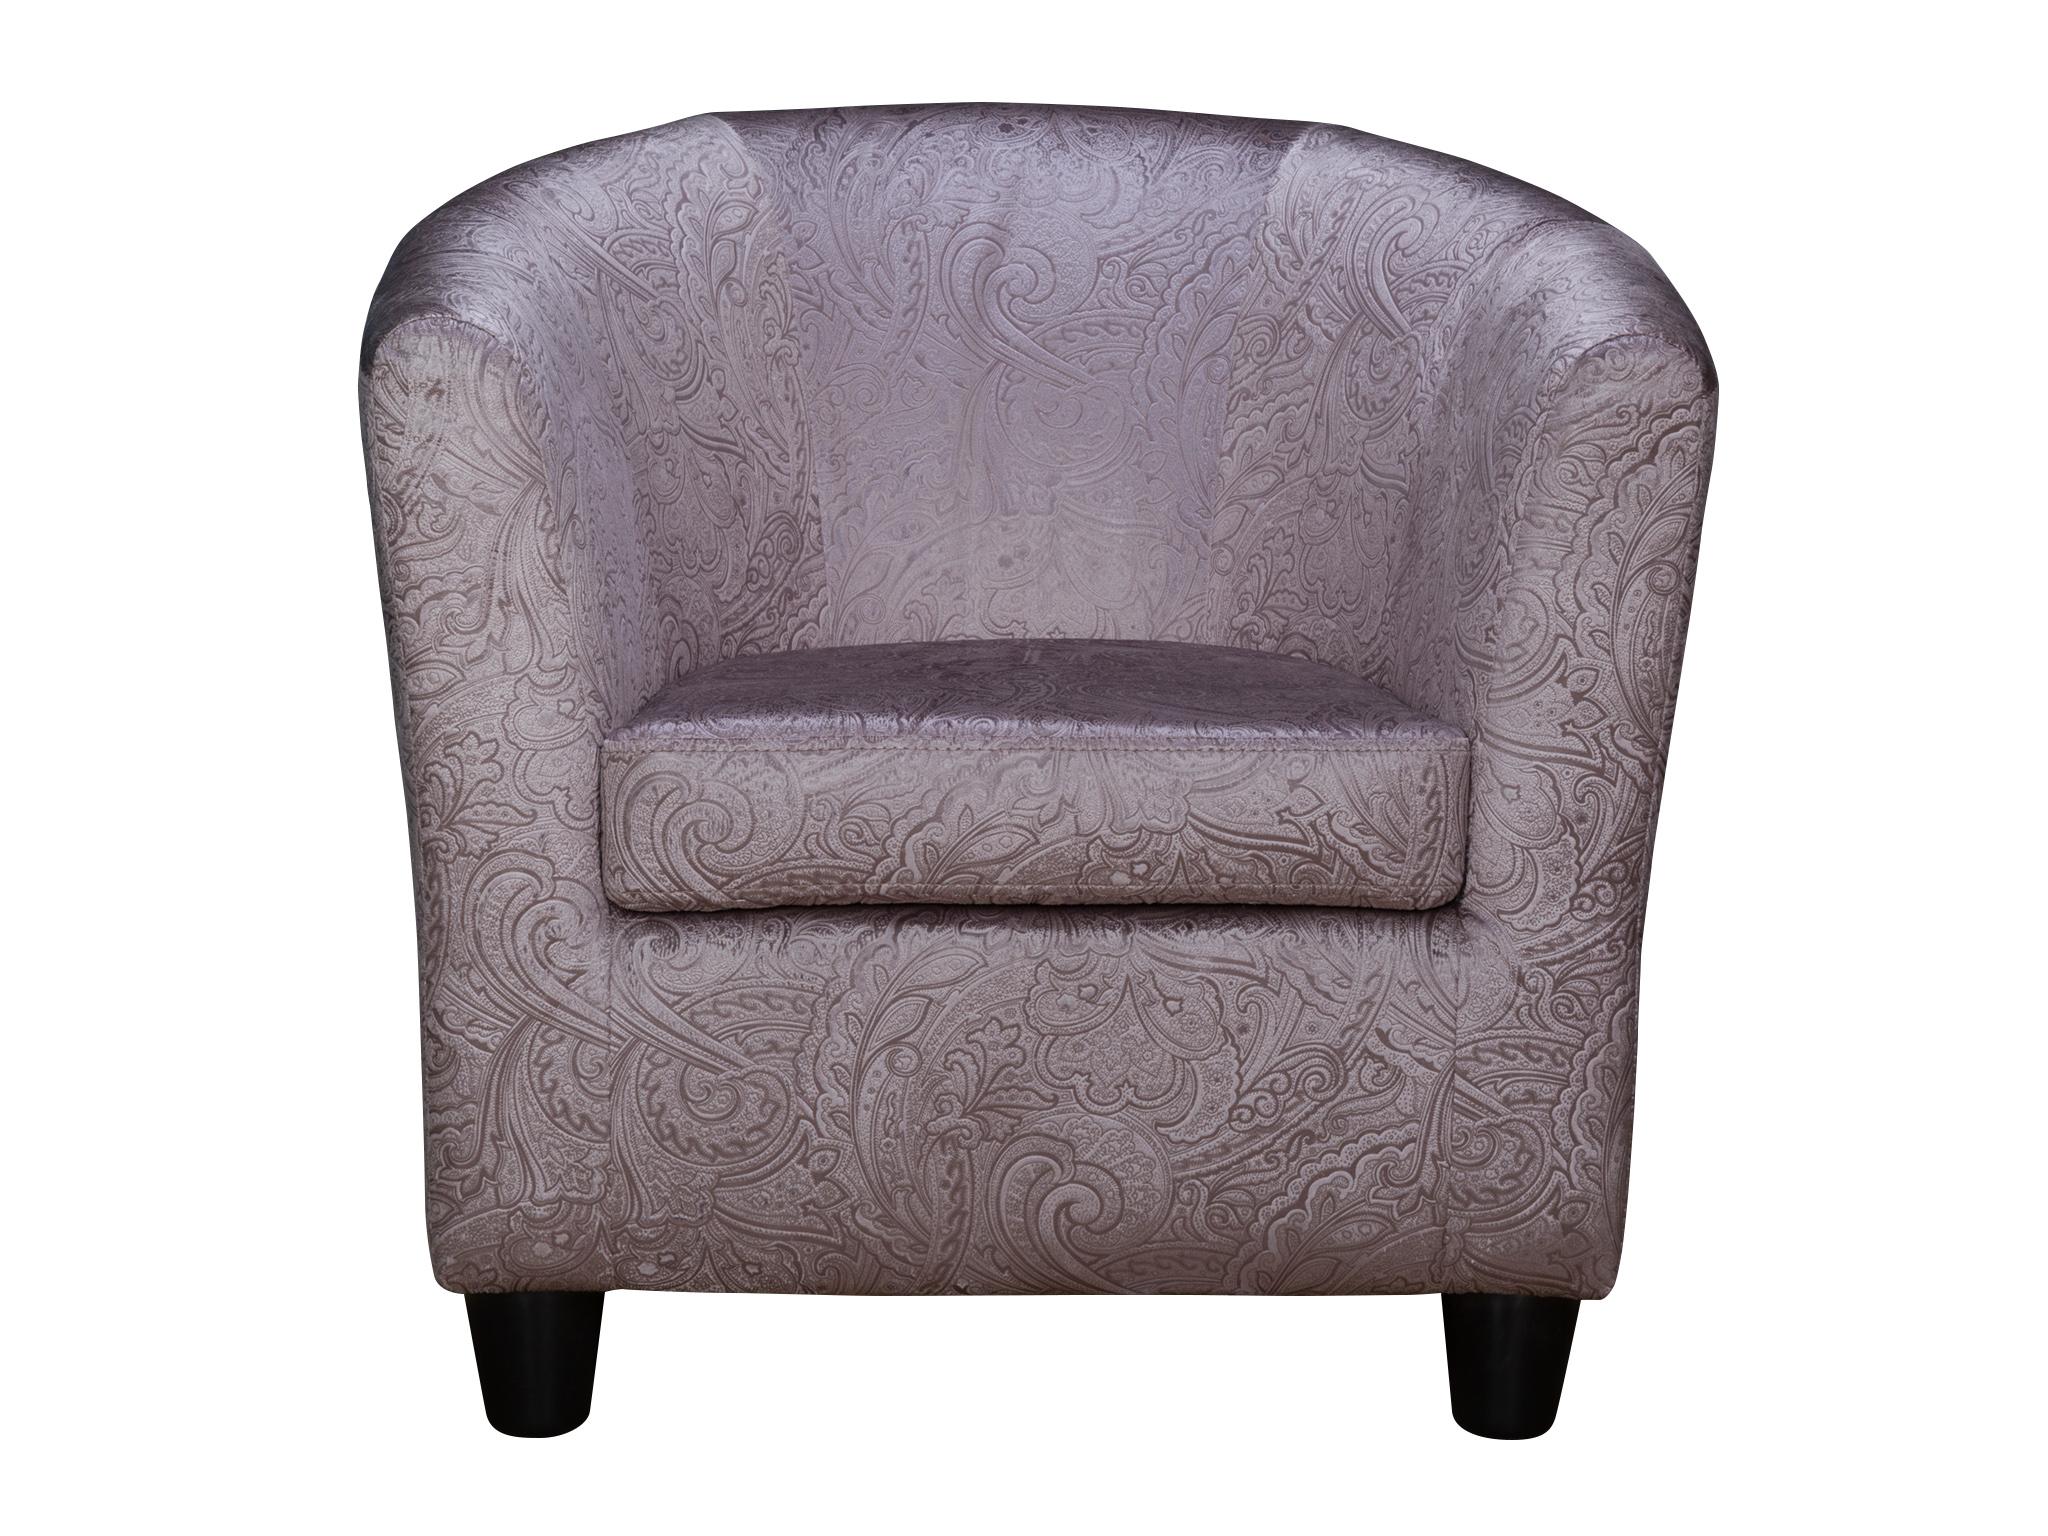 Кресло СитиИнтерьерные кресла<br>Изделие имеет прочный деревянный каркас, спроектированный с учётом эргономики. Мягкие сидение и спинка обеспечивают комфорт и удобную посадку.&amp;amp;nbsp;<br><br>Material: Велюр<br>Width см: 81<br>Depth см: 70<br>Height см: 80